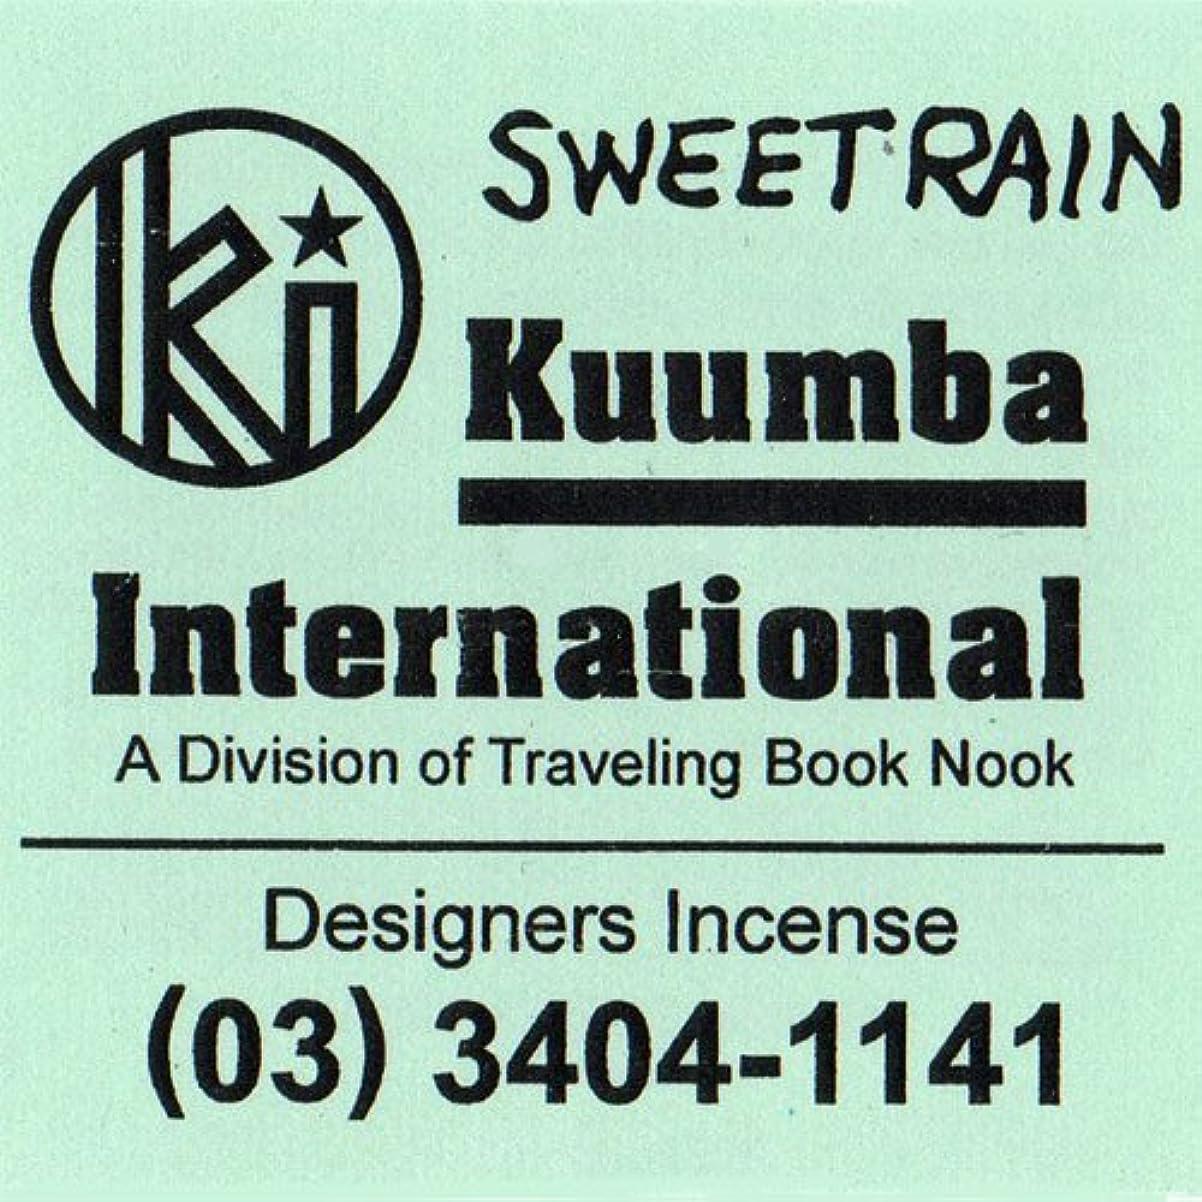 汚染された満足させるのホスト(クンバ) KUUMBA『incense』(SWEET RAIN) (Mini size)